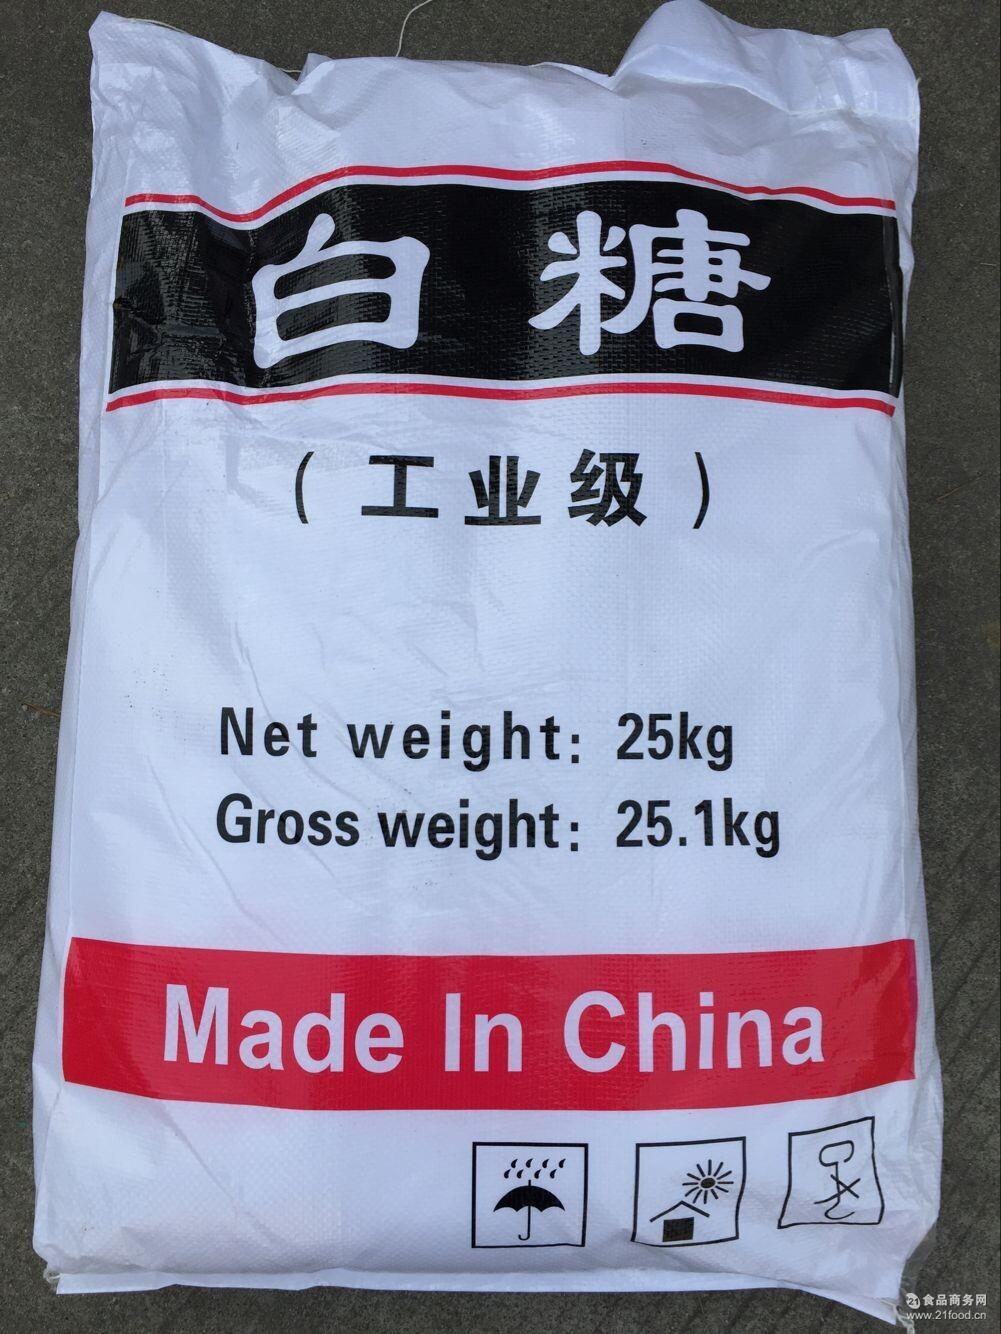 白糖蔗糖混凝土添加建筑外加剂白砂糖正品大全调味品电商工业图片